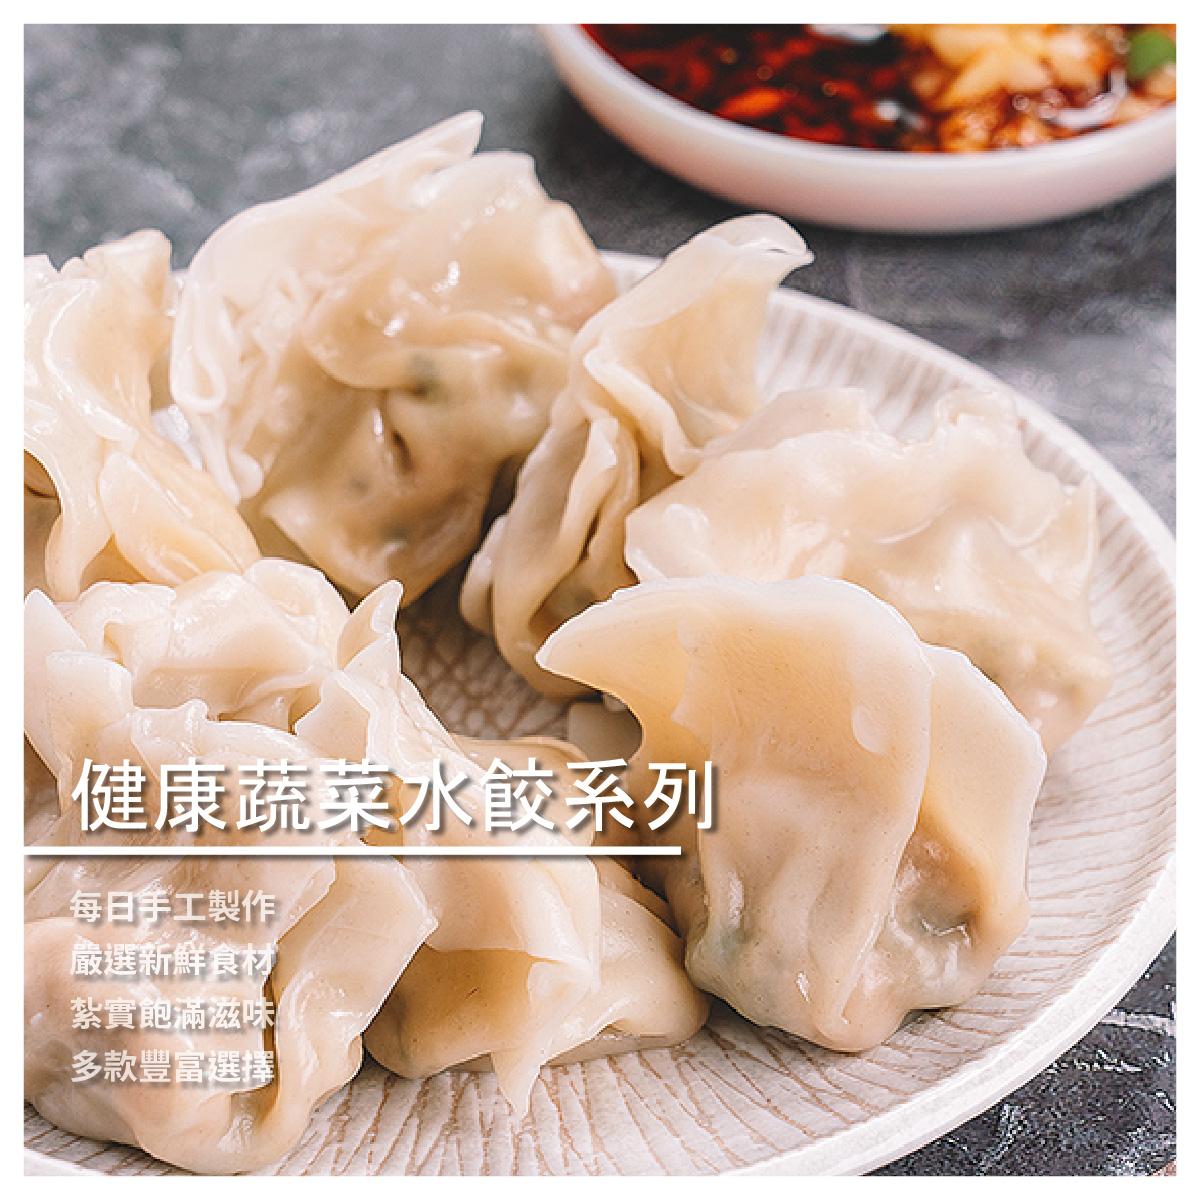 【天德泰中式廚坊】健康蔬菜水餃系列/顆